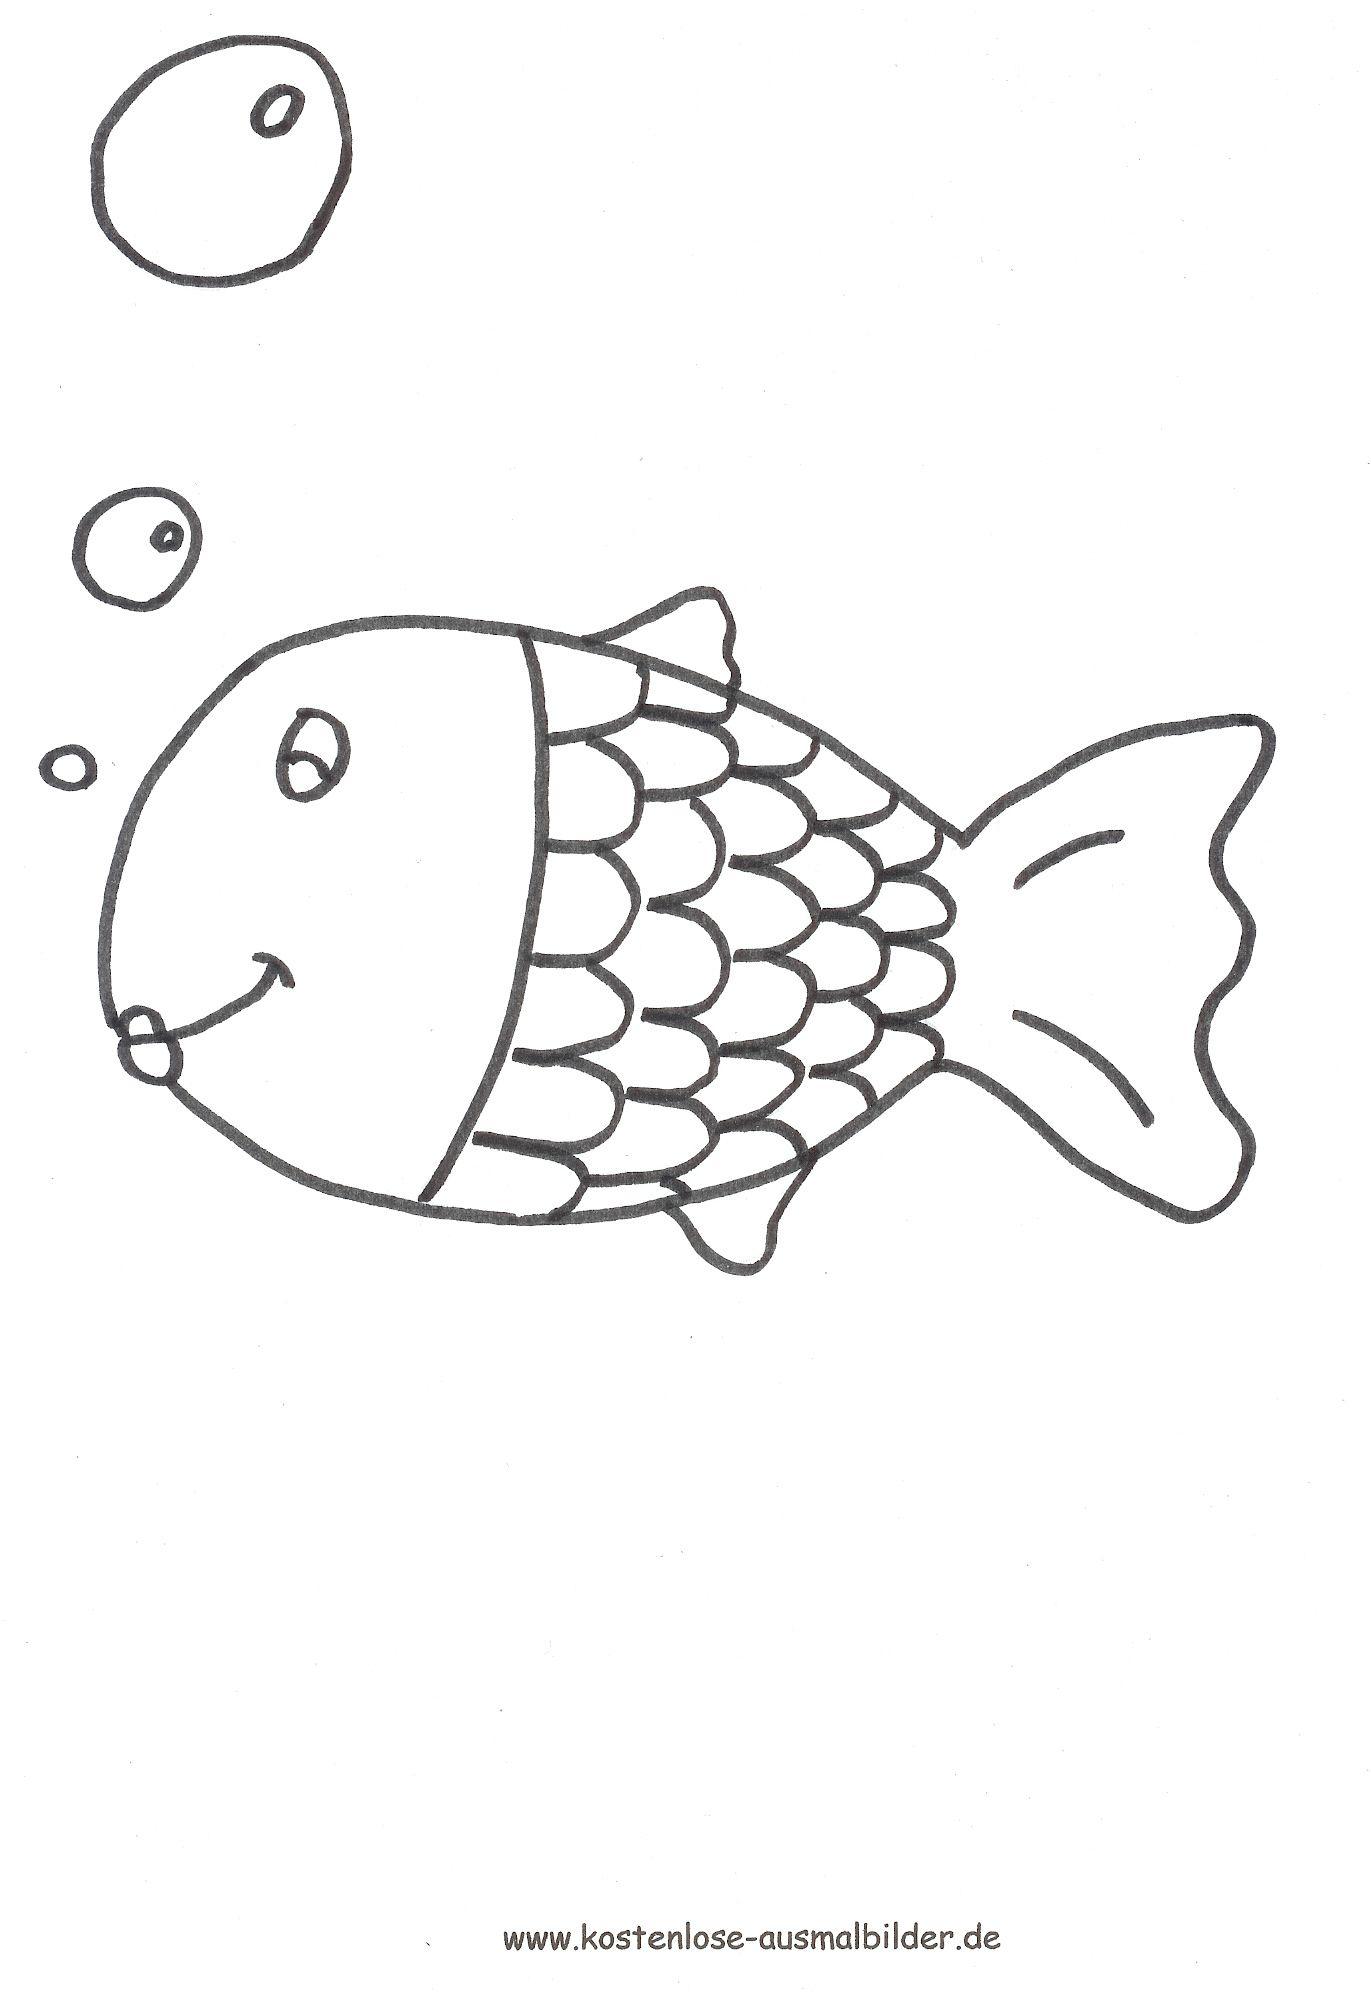 ausmalbild goldfisch ausdrucken  ausmalbilder